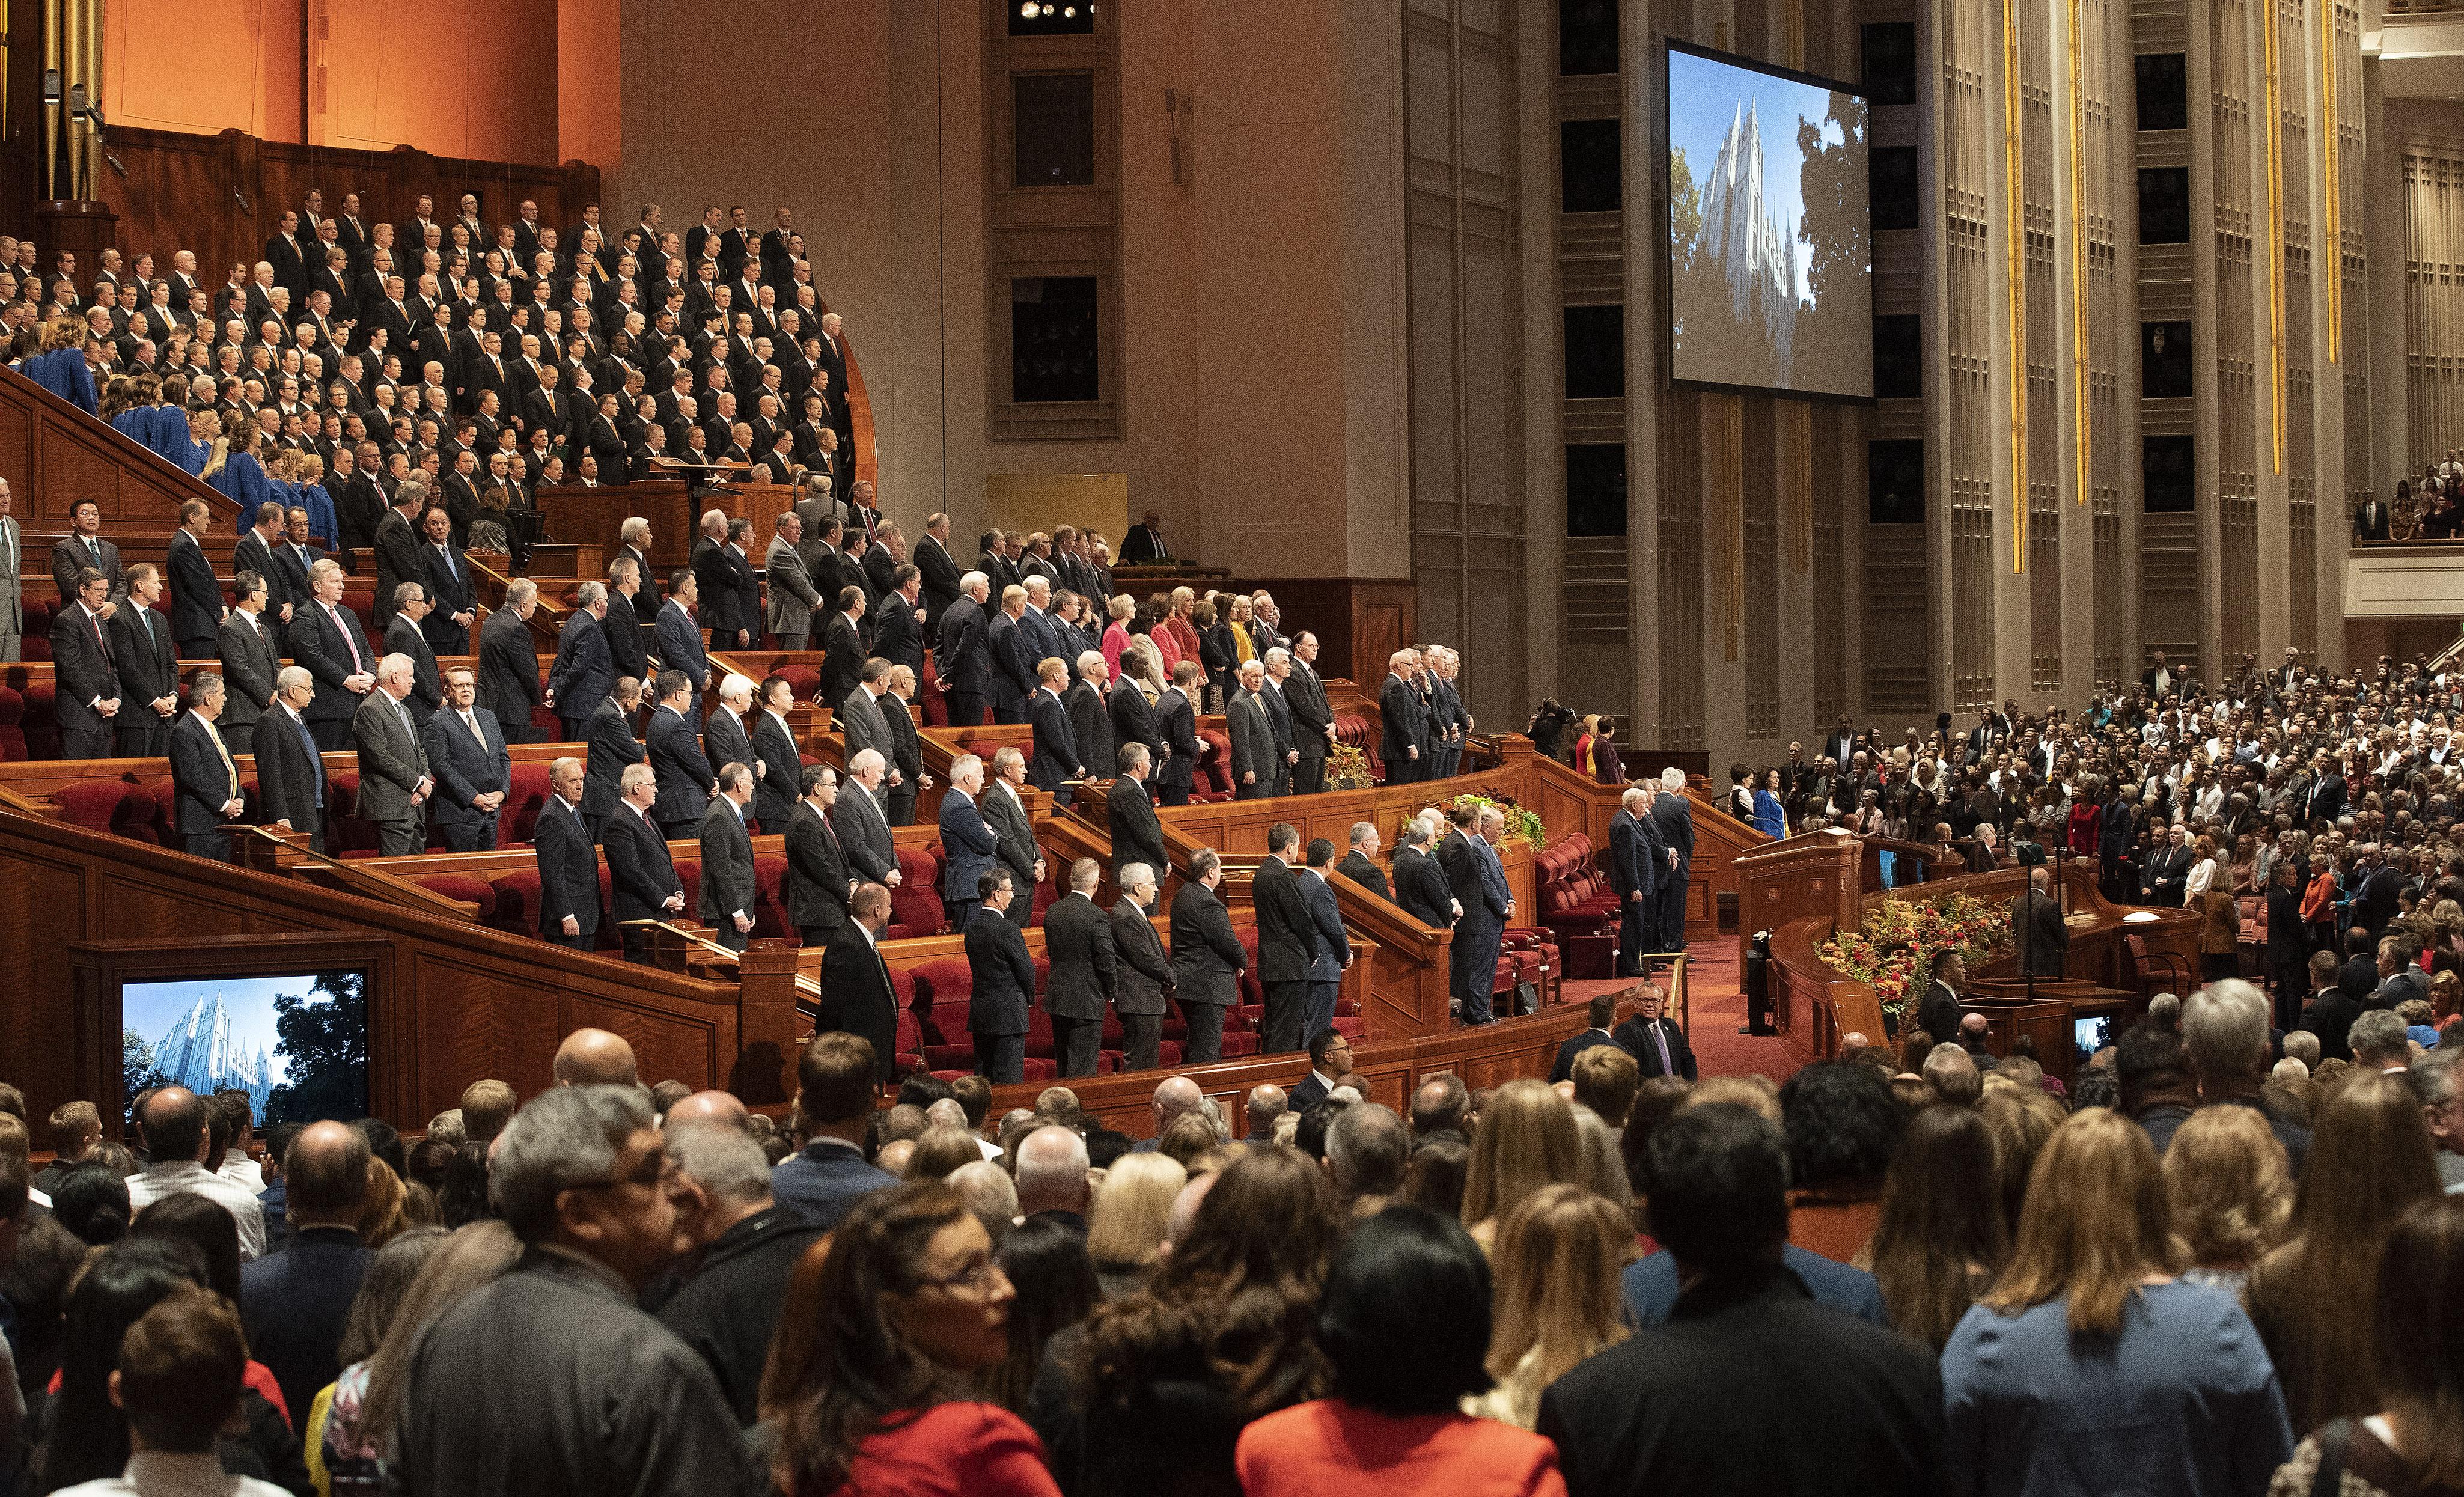 Las autoridades generales esperan al presidente Russell M. Nelson, de La Iglesia de Jesucristo de los Santos de los Últimos Días, antes de la sesión matutina del sábado de la Conferencia General Semestral N°189 en el Centro de Conferencias en Salt Lake City, el sábado 5 de octubre de 2019.